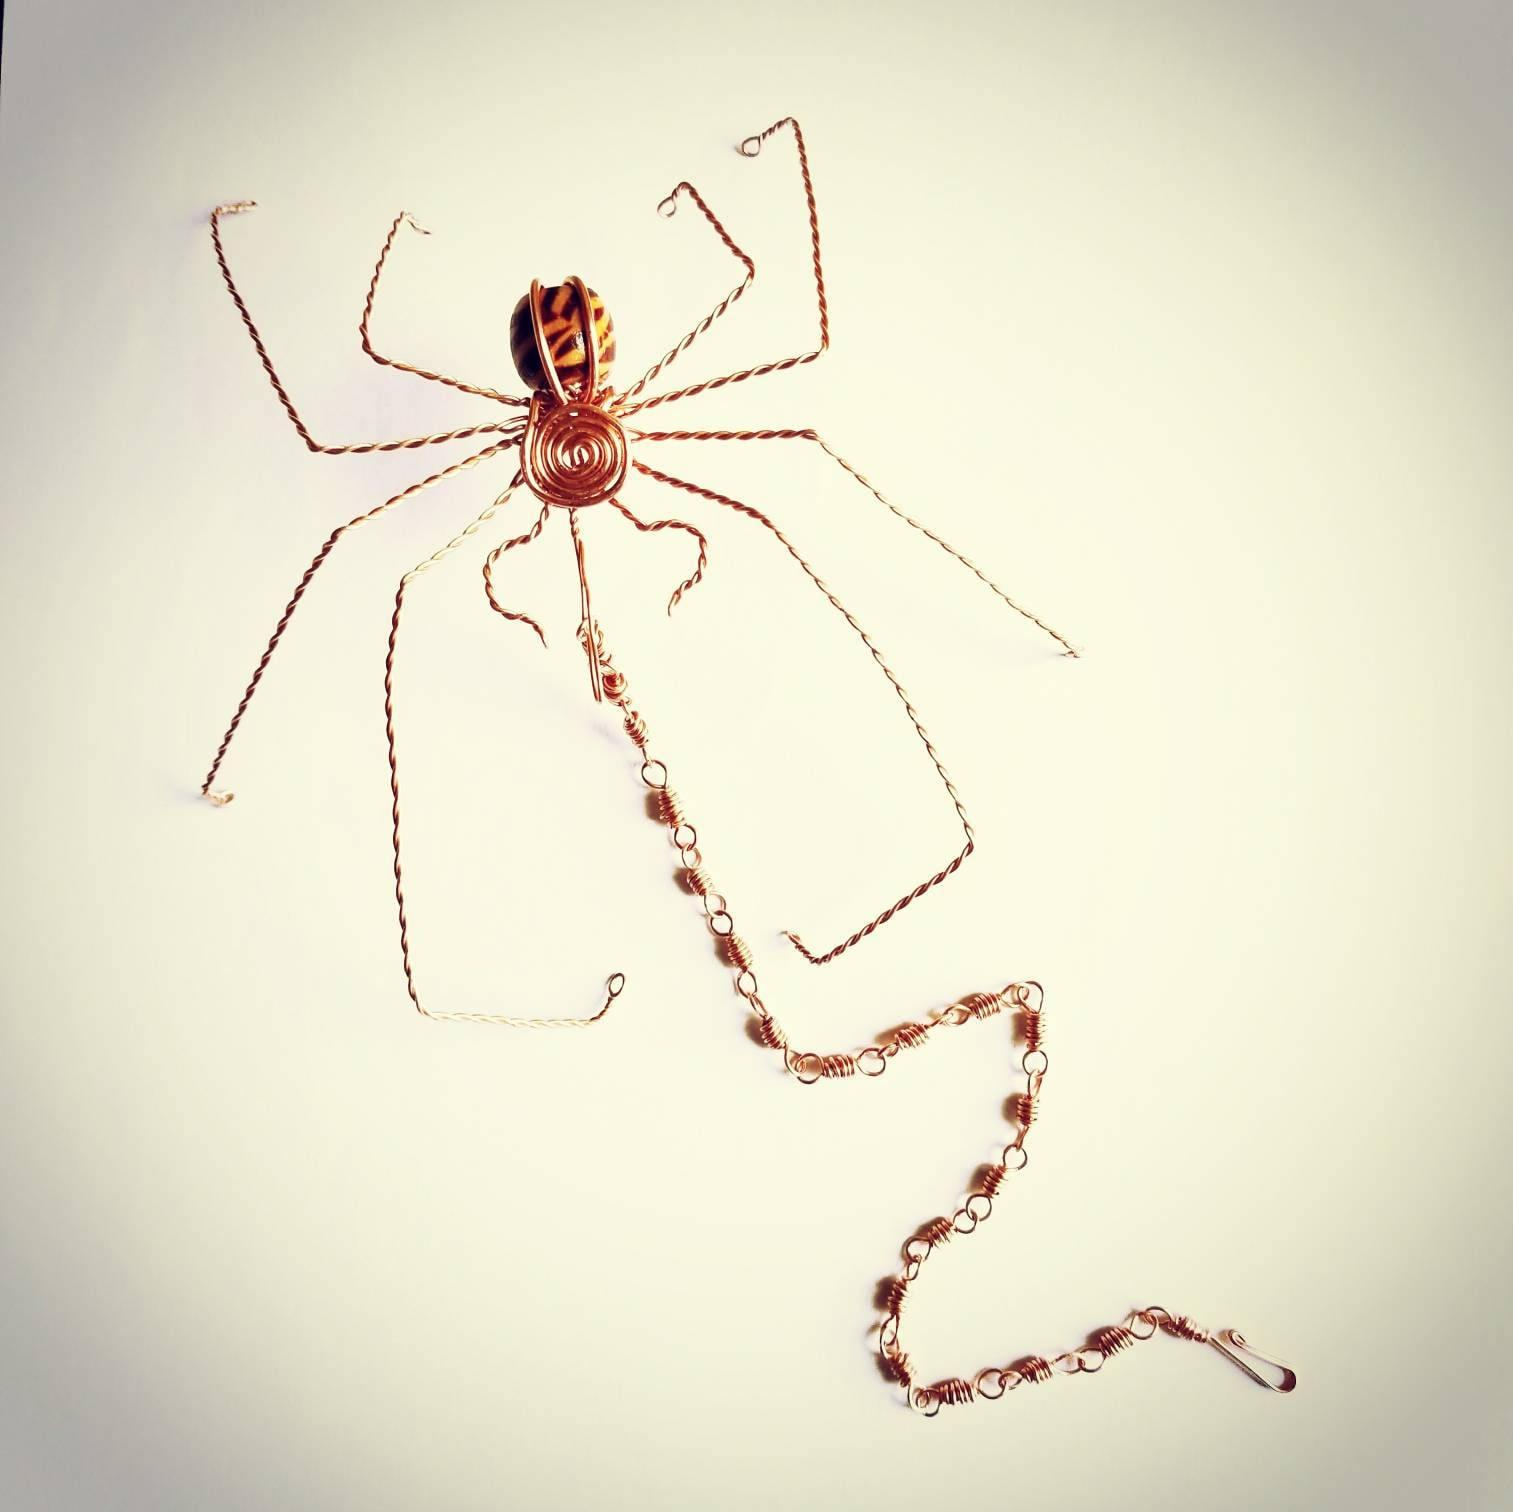 Spinne Charme Rückspiegel Spider Amulett Anhänger